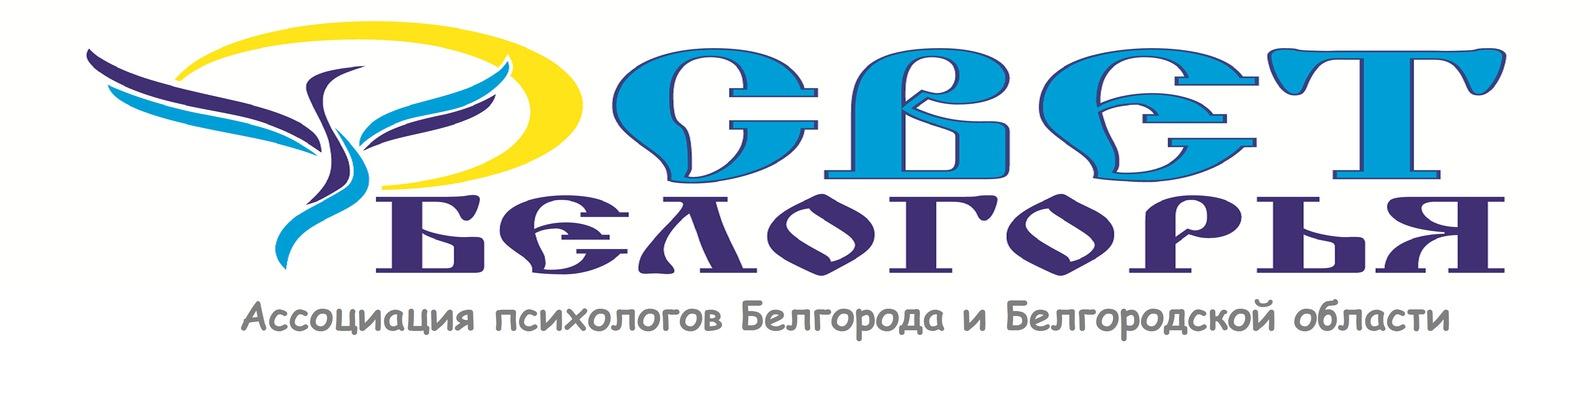 Где в белгороде требуются студенты психологи